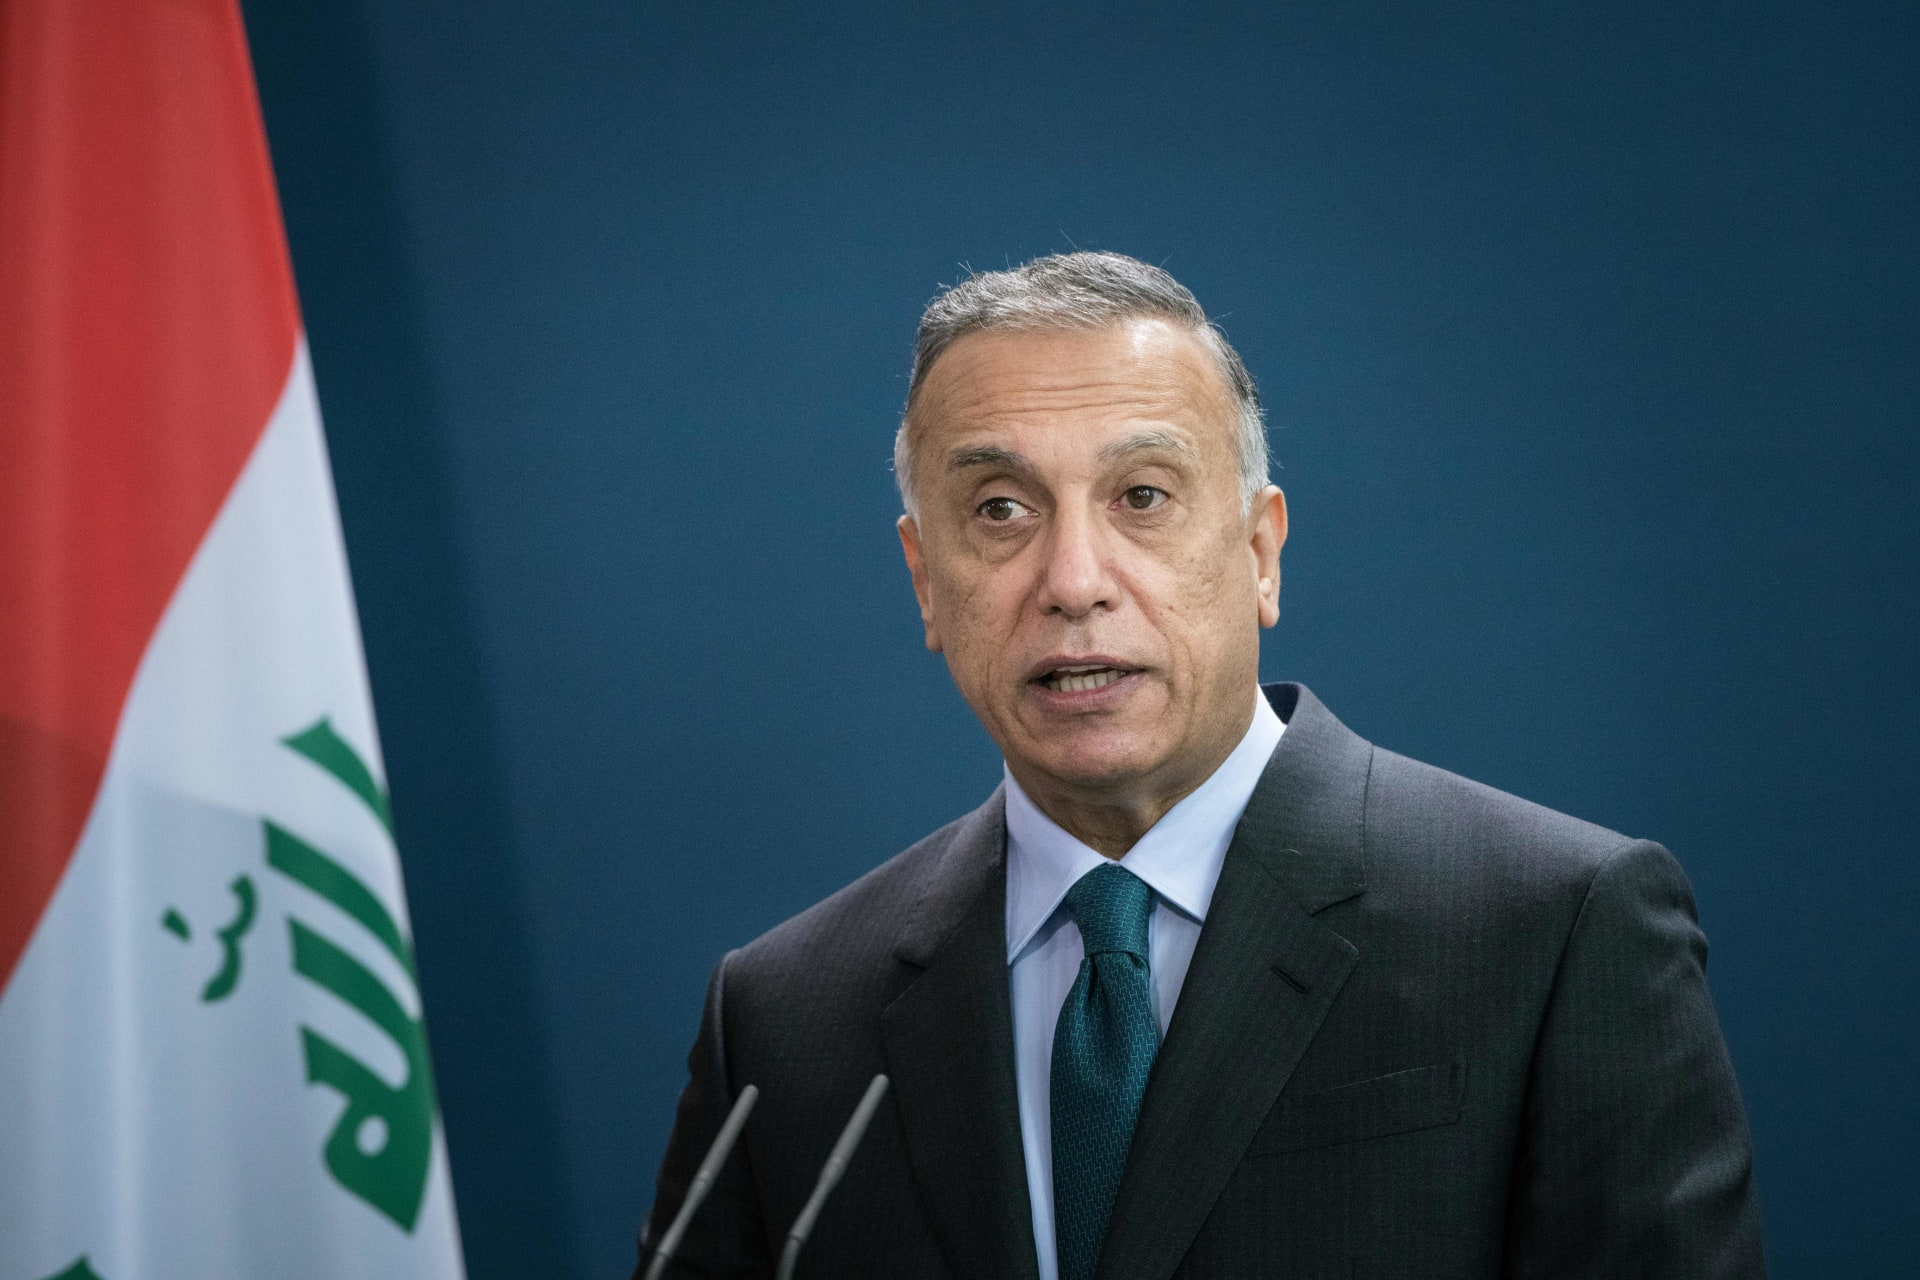 """رئيس الحكومة العراقية يعلن مقتل نائب """"الخليفة ووالي العراق"""" في تنظيم داعش"""